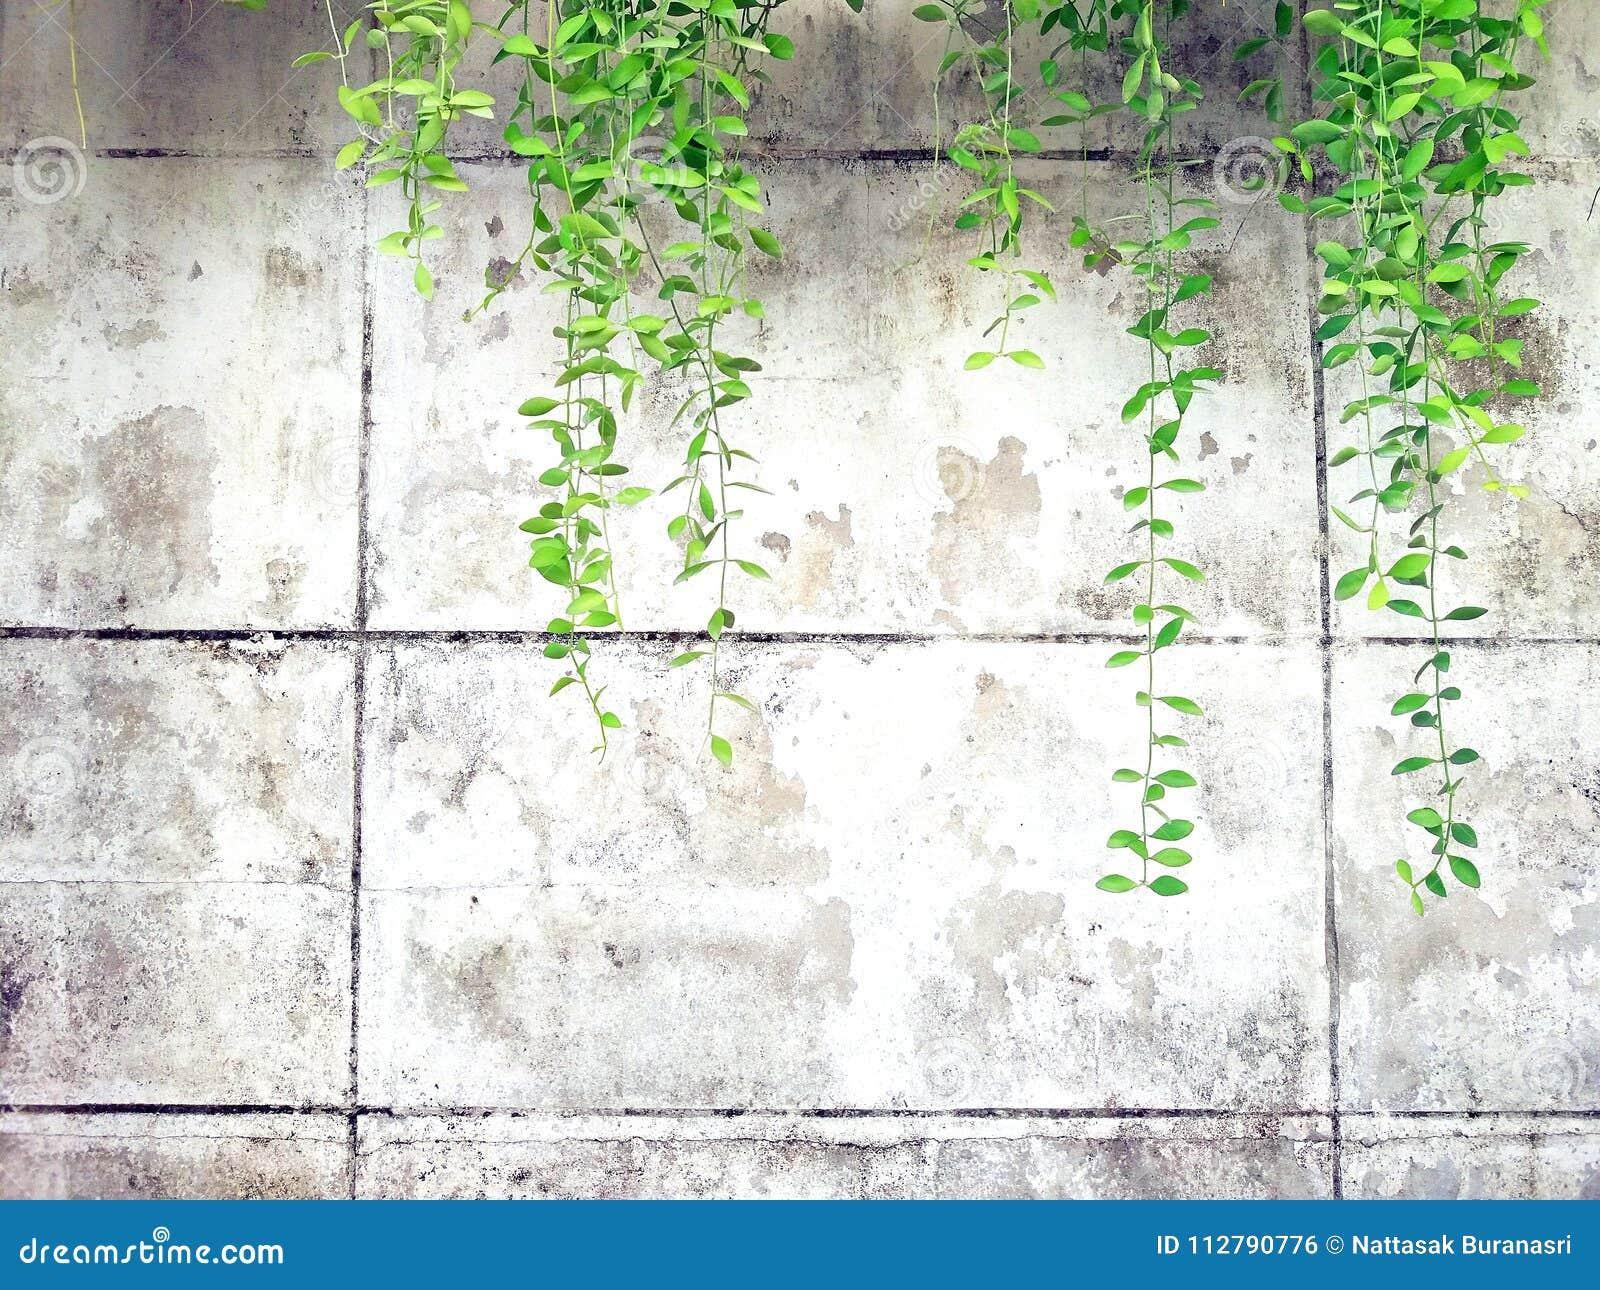 Πράσινη άμπελος, Λιάνα ή σερνμένος εγκαταστάσεις στο παλαιό άσπρο τσιμέντο ή grunge αφηρημένο υπόβαθρο τοίχων με το διάστημα αντι